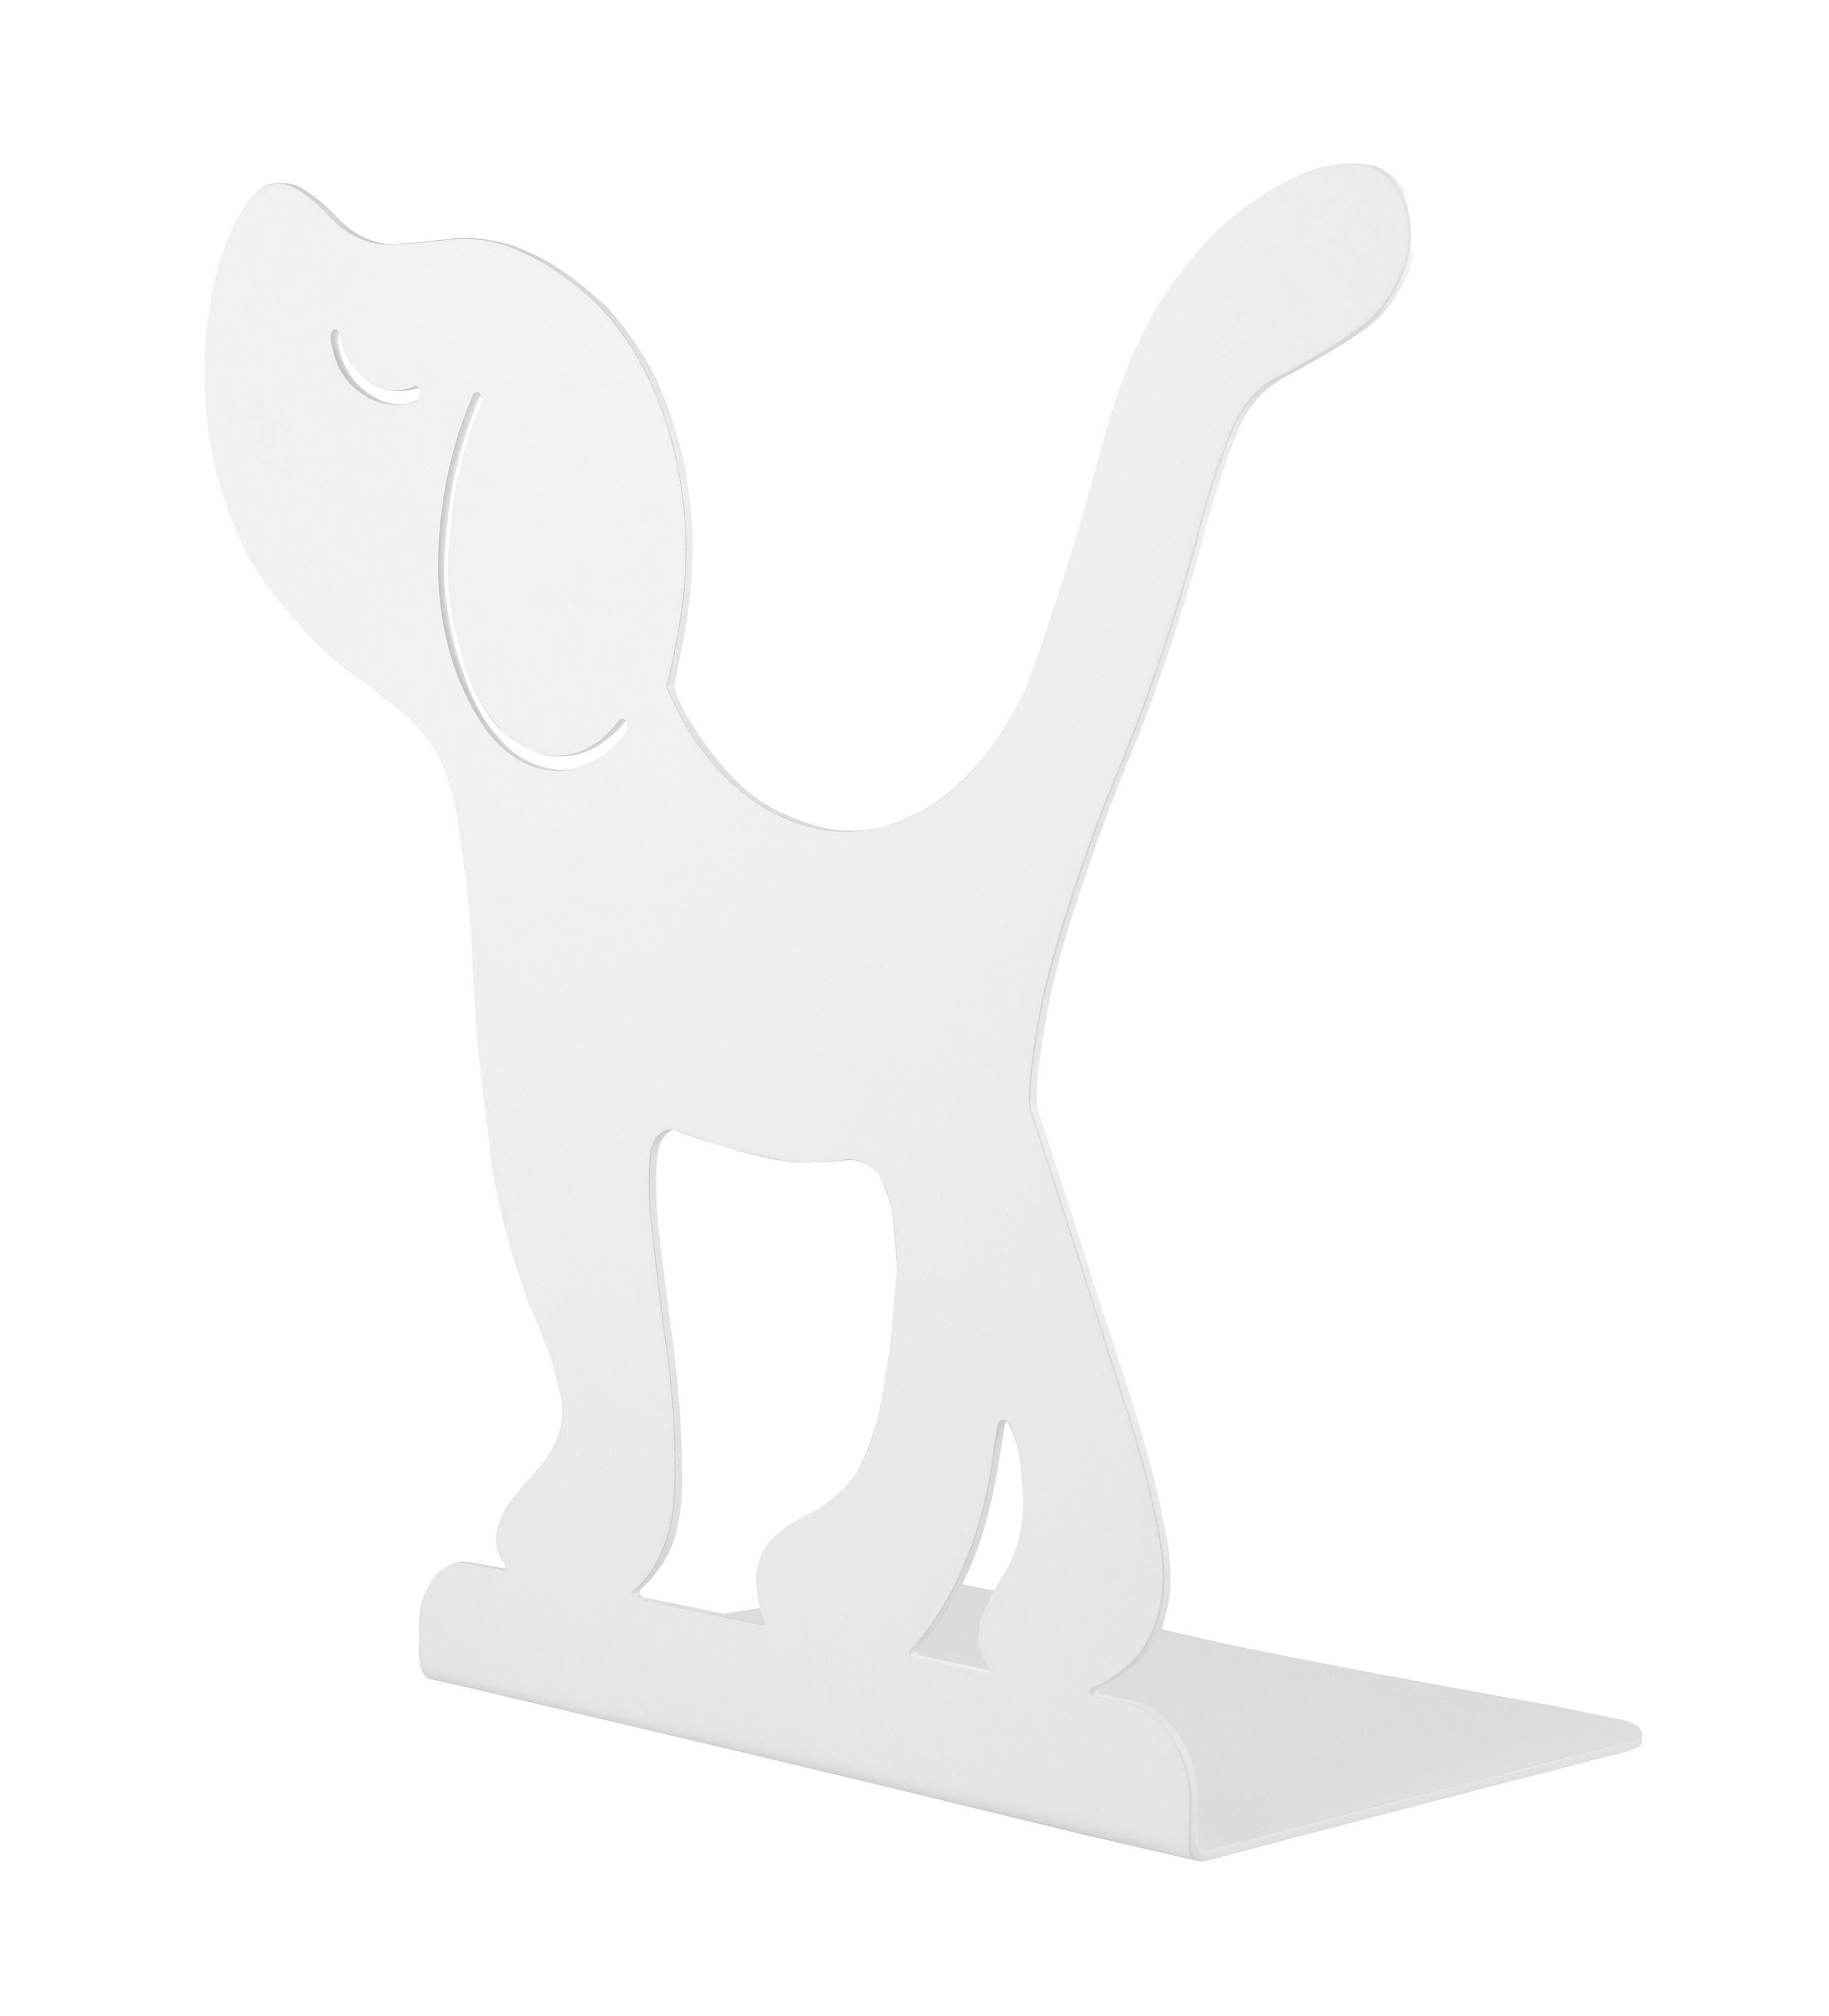 Dekoration - Für Kinder - Montparnasse Buchstütze / Hund - Stahl - A di Alessi - Hund / weiß - bemalter Stahl